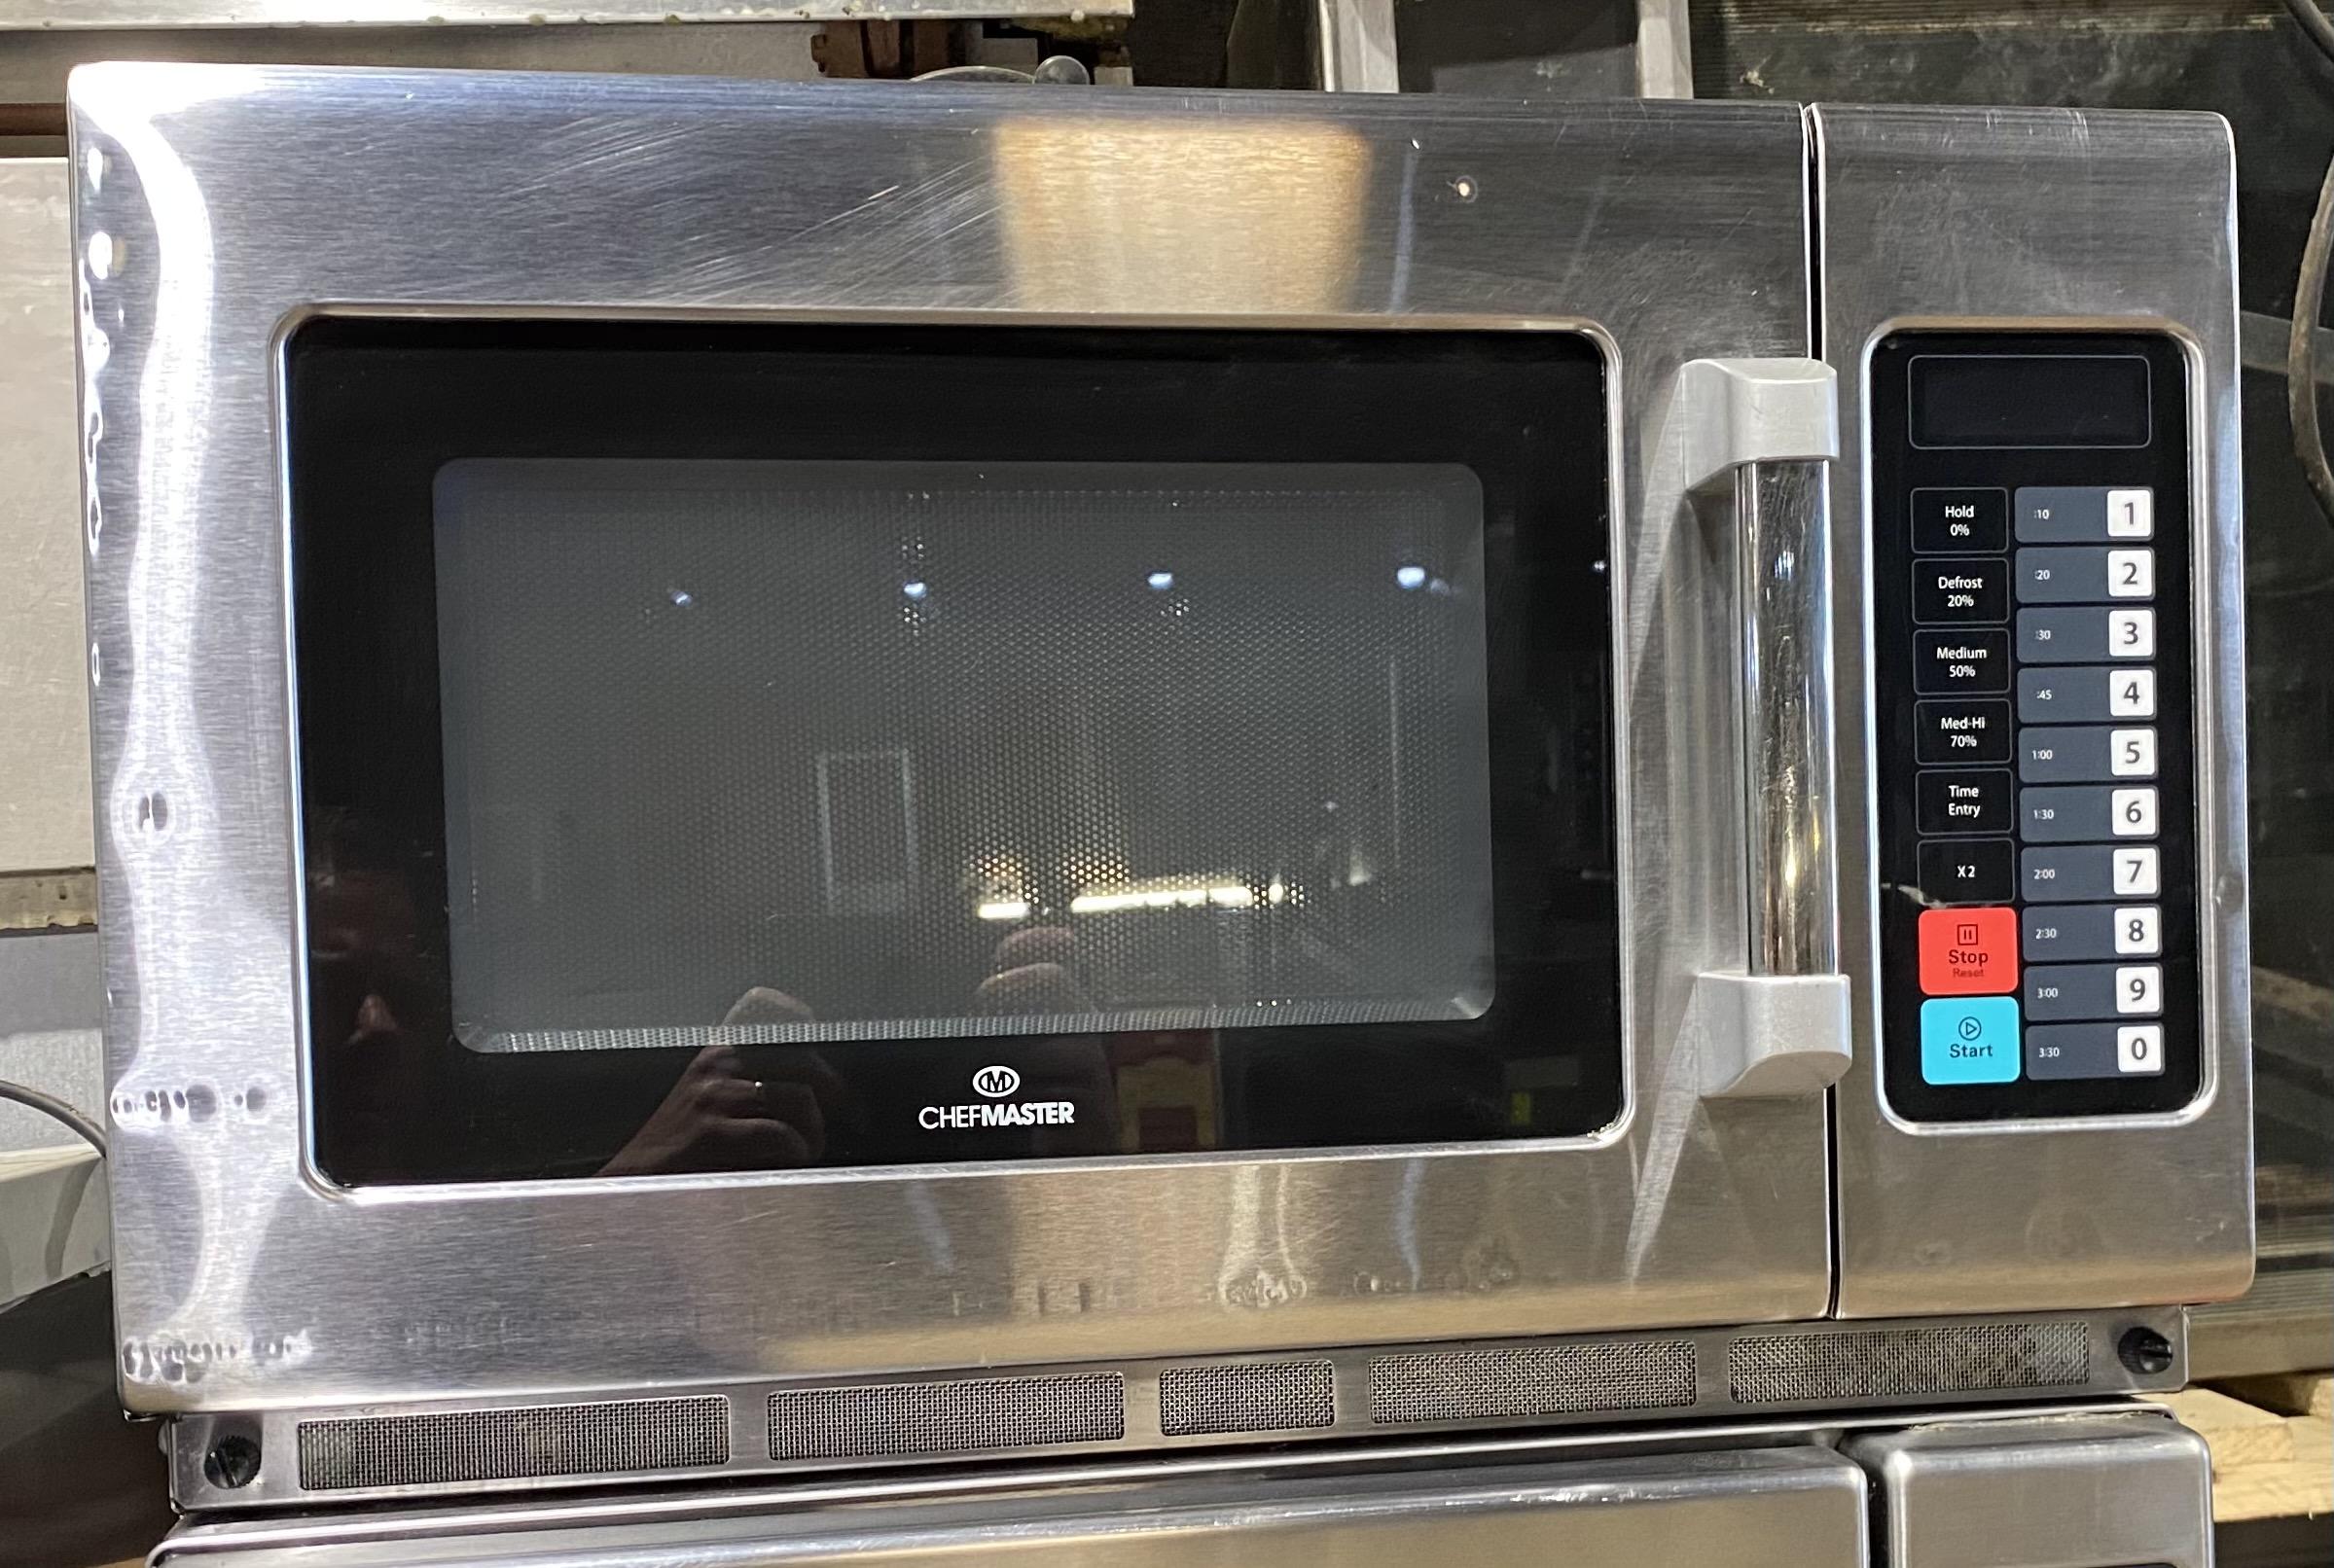 CHEFMASTER HEB 643 1800 Watt Commercial Microwave